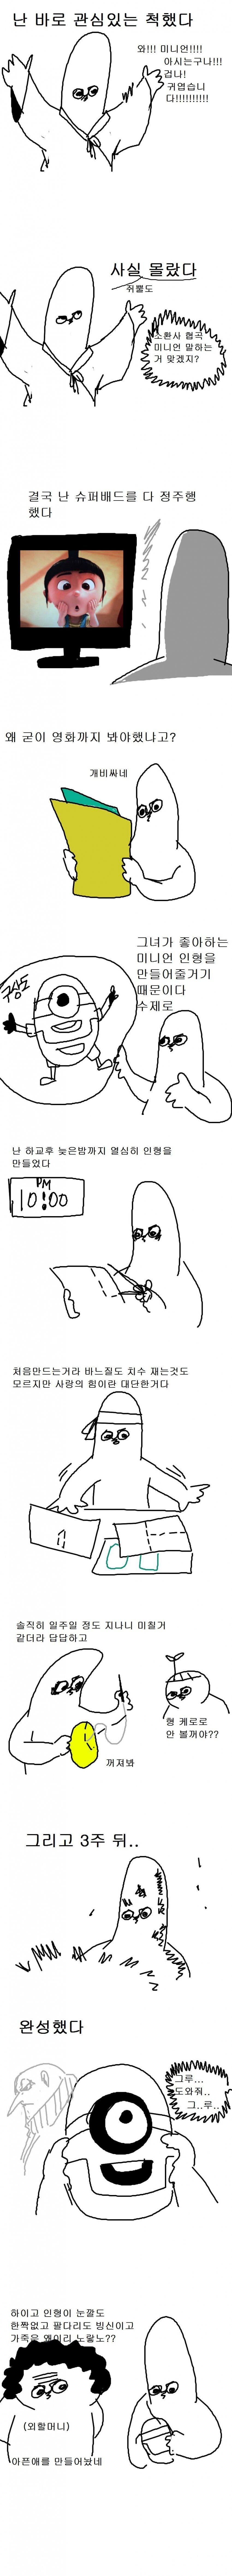 4.jpg (스압) 검도관 여자애 짝사랑했던 만화.manhwa